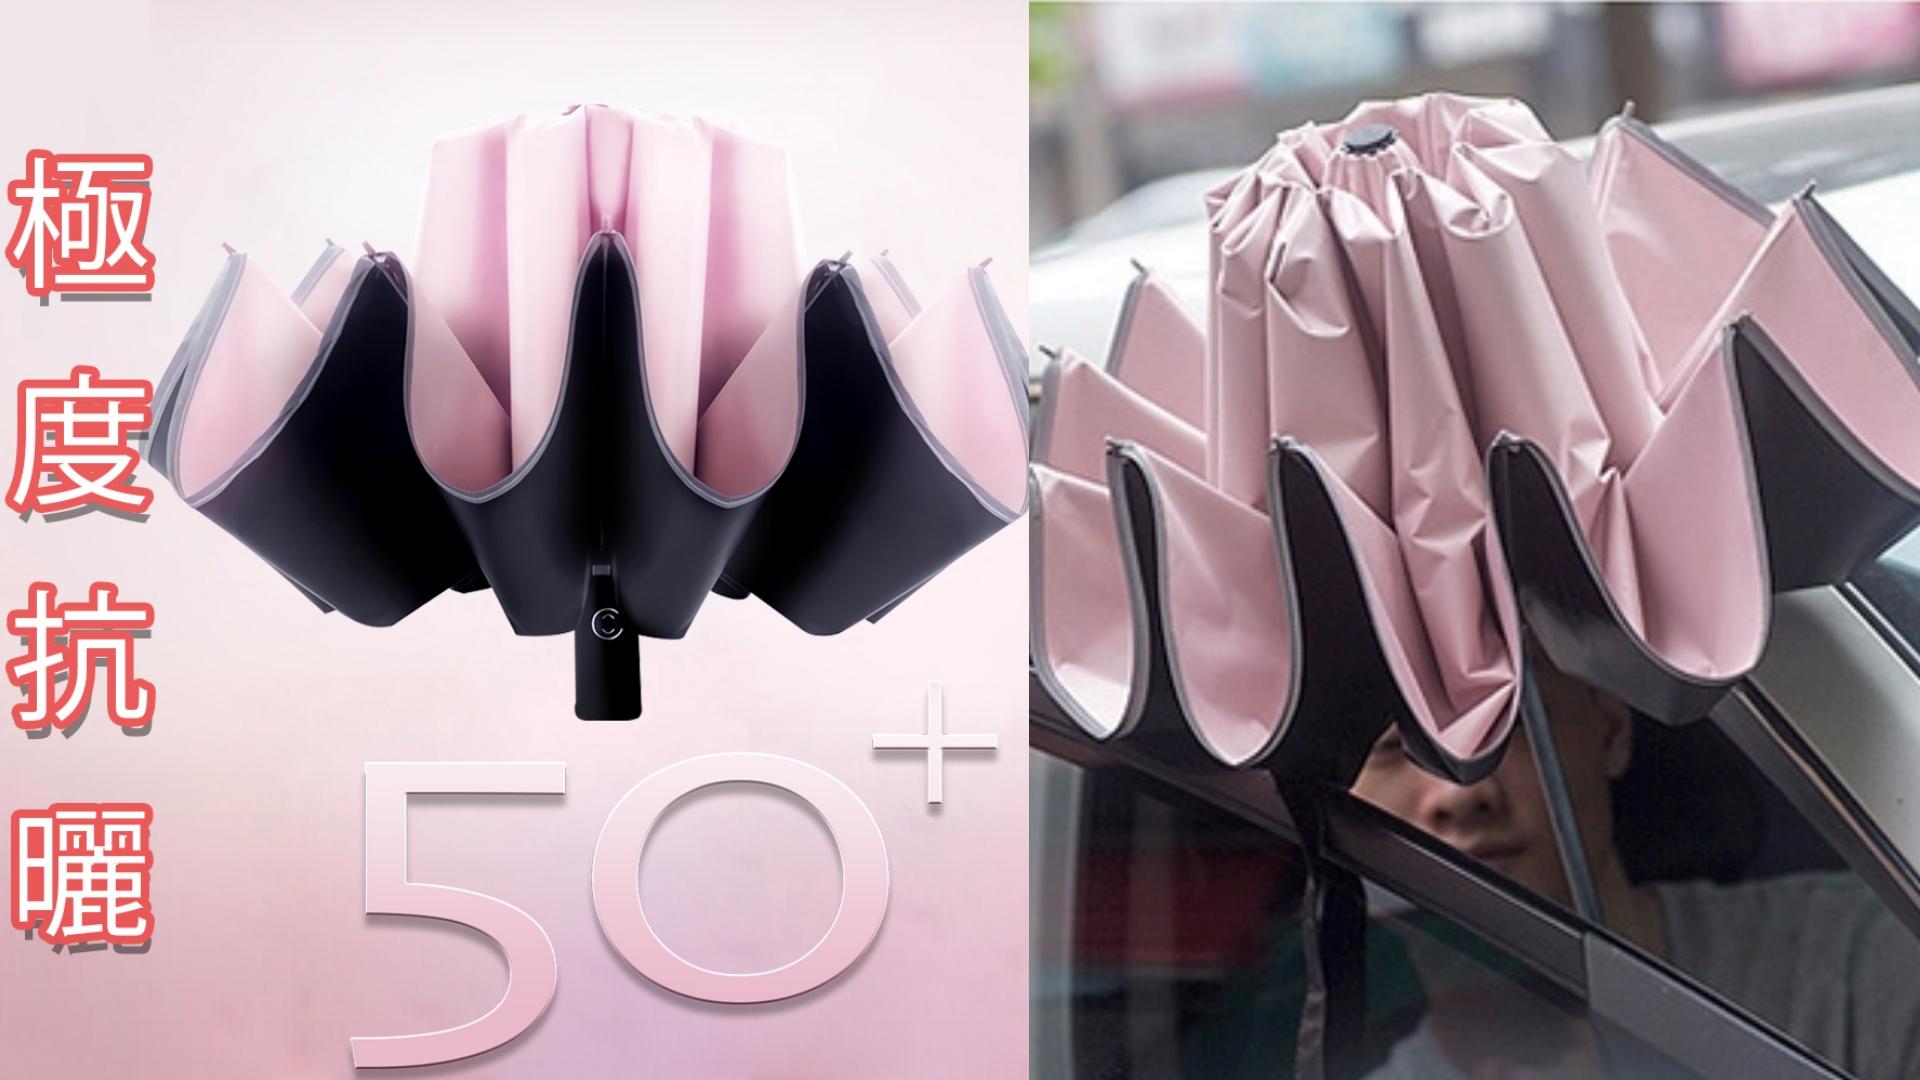 而這個更是做成自動折疊傘的形式,外出攜帶更加輕巧,120公分大傘面2-3人都適用,還有L.R.C黑膠塗層可以降溫-7°